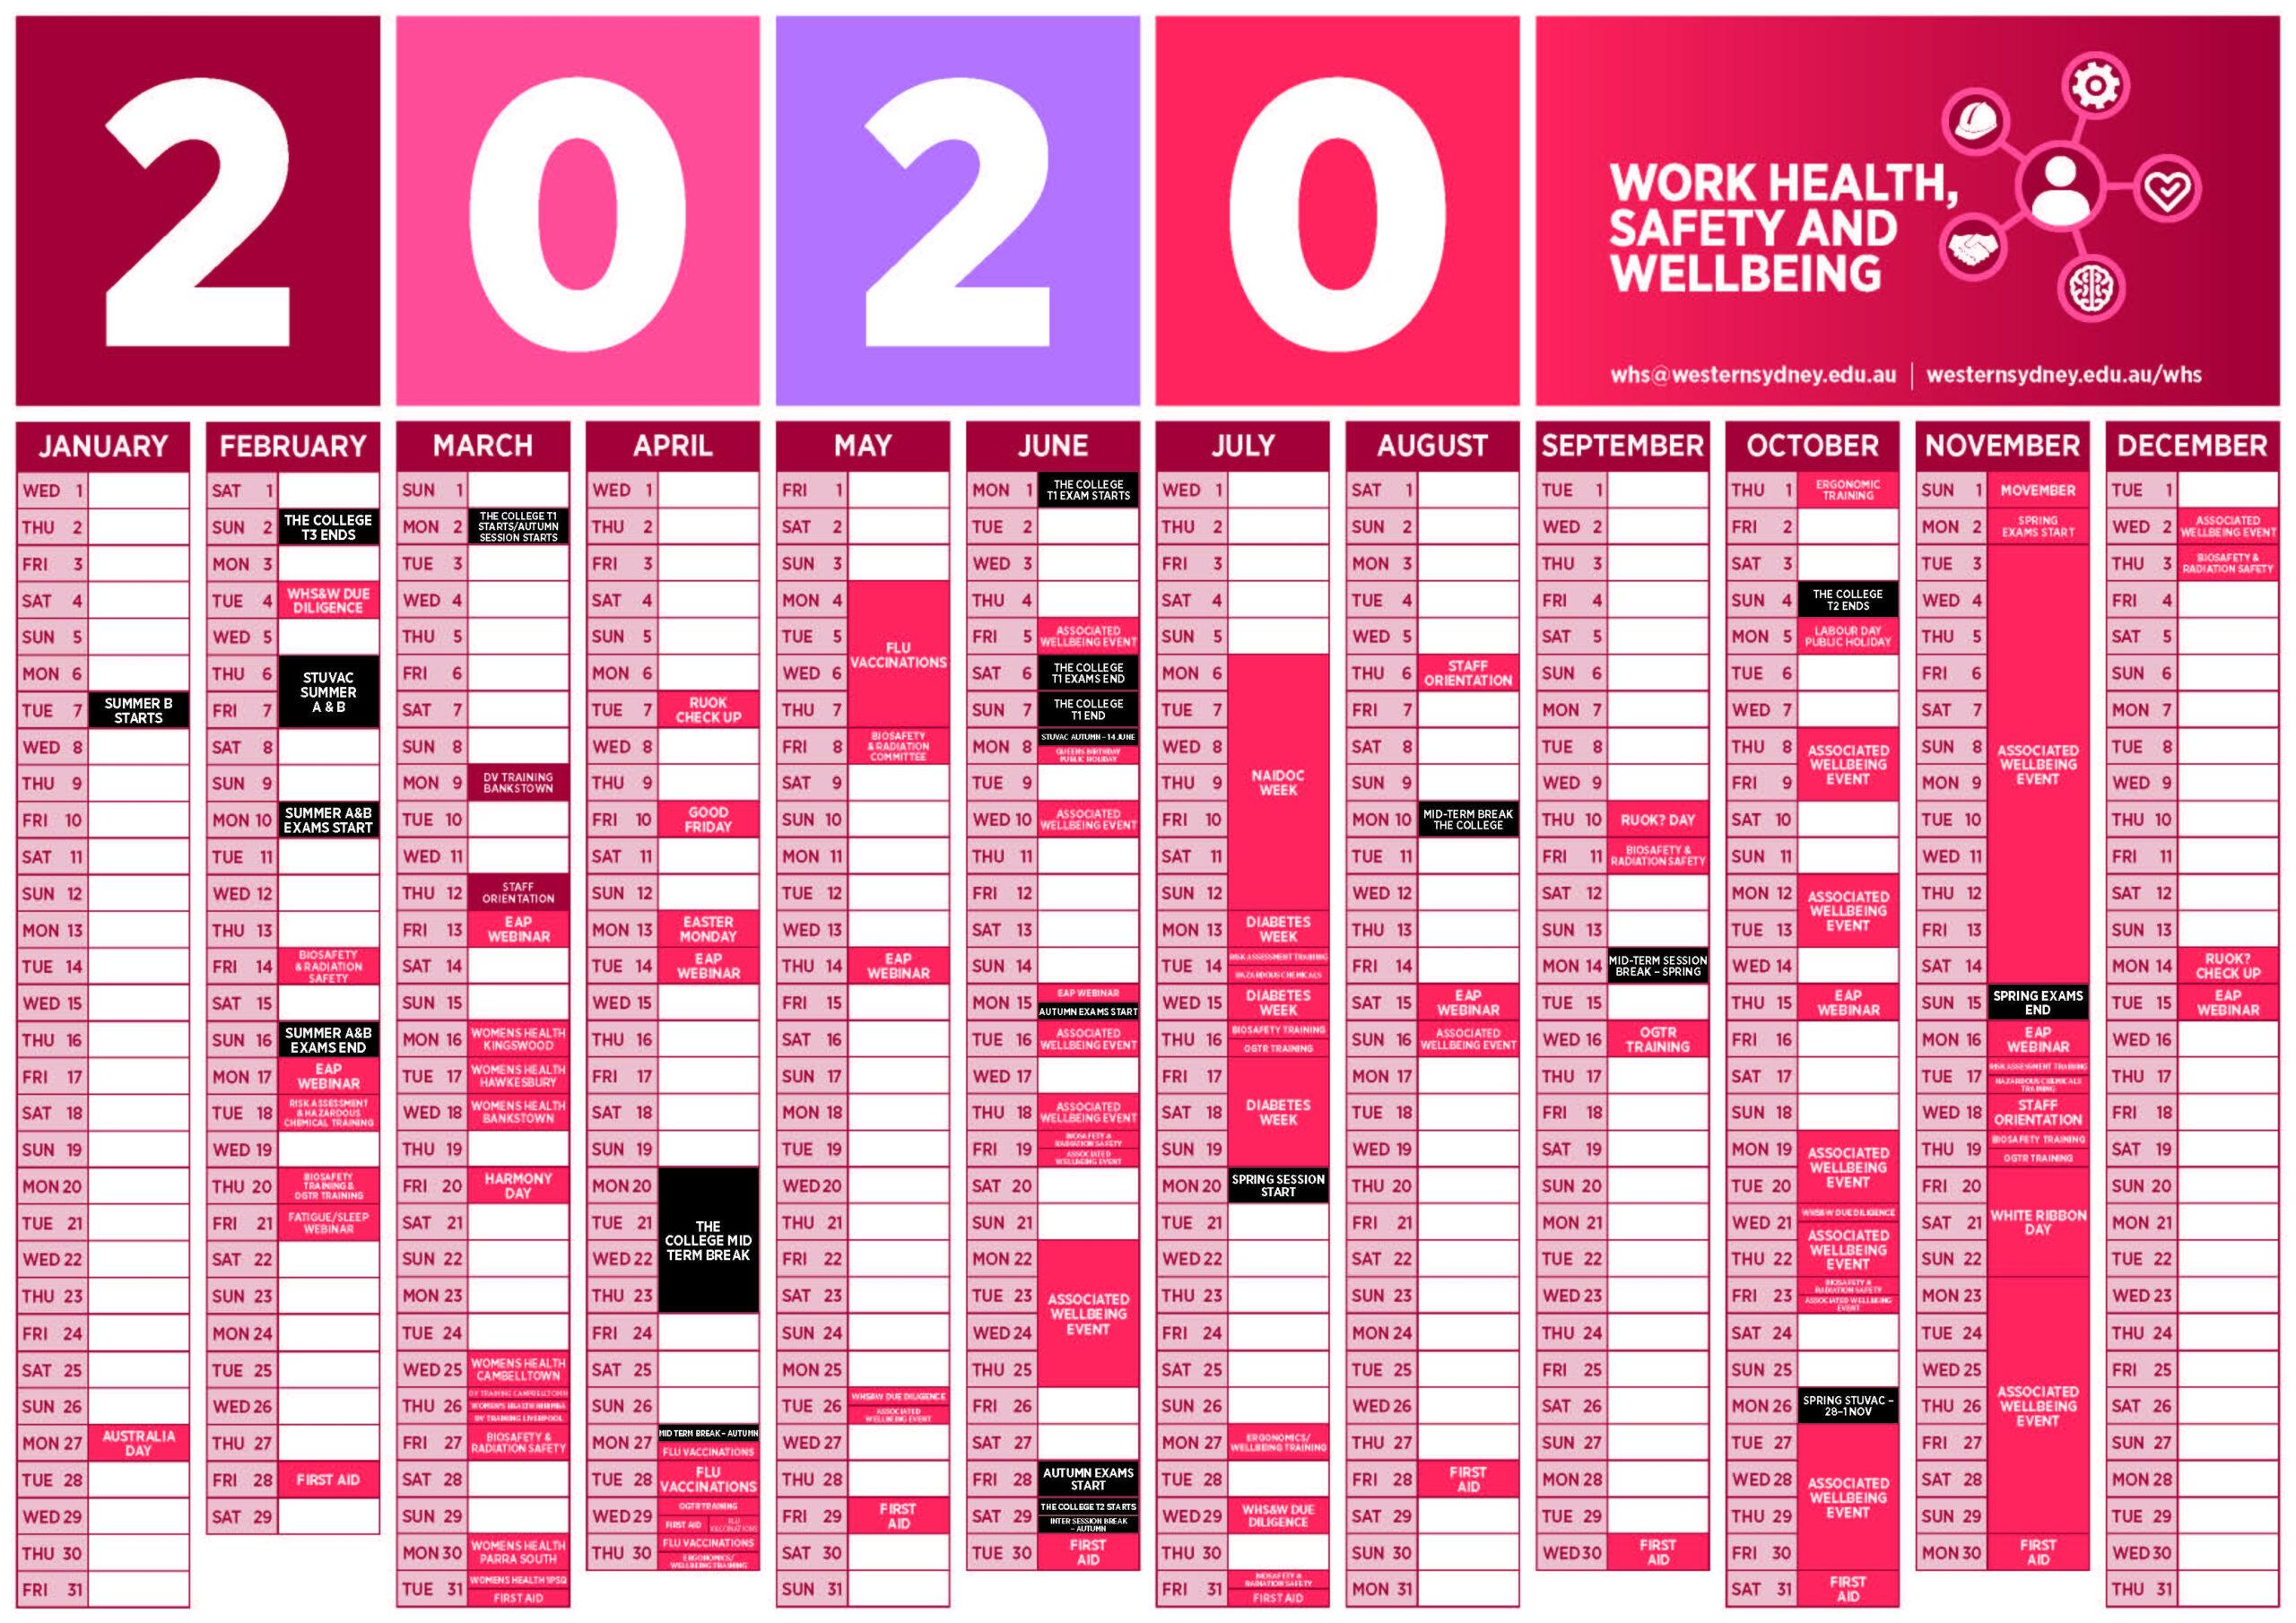 Health And Wellbeing Calendar | Western Sydney University